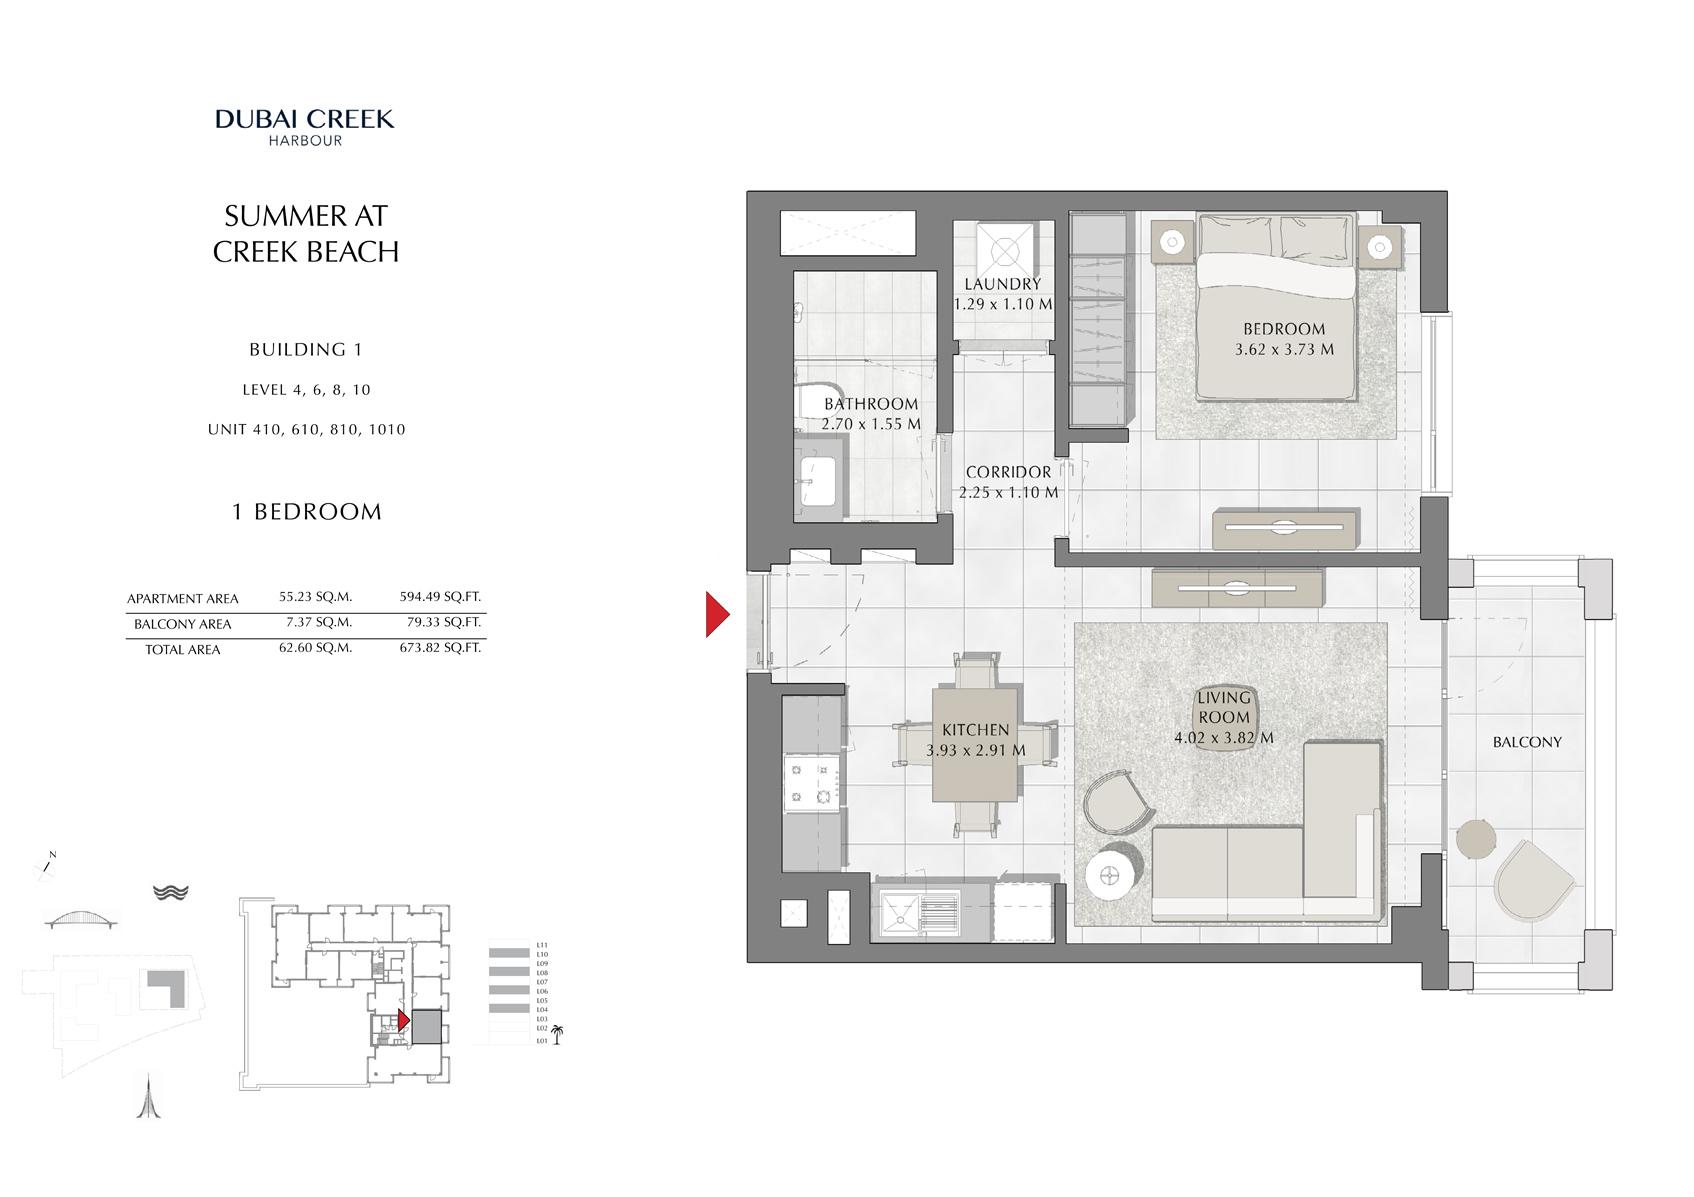 1 Br Building 1 Level-4-6-8-10 Unit 410-610-810-1010, Size 673 Sq Ft